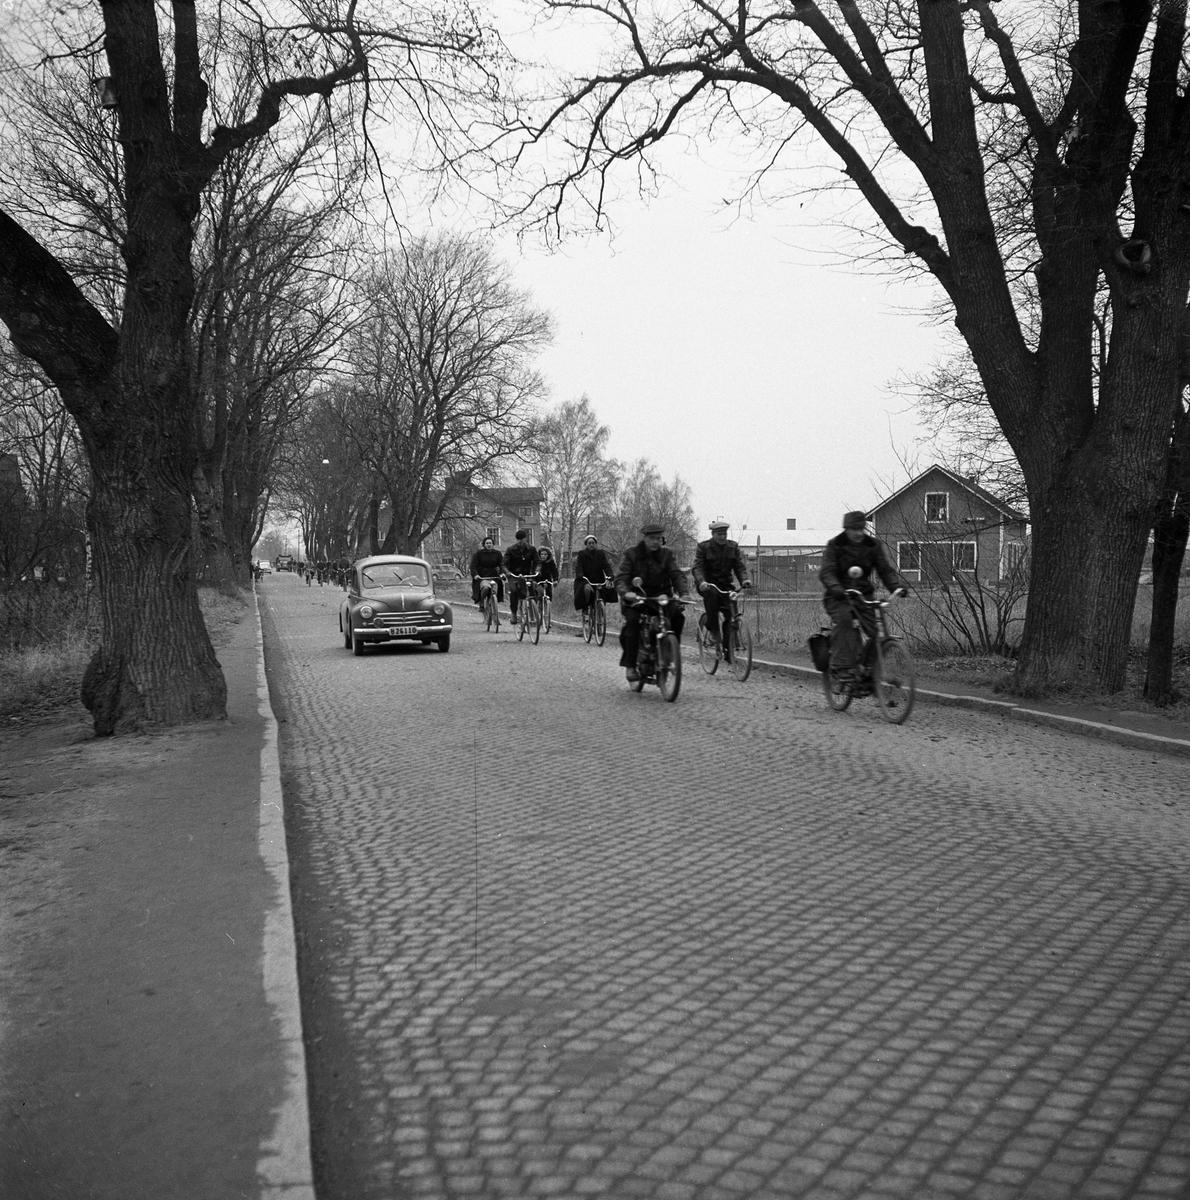 Jädersvägen. Män och kvinnor cyklar till arbetet på Arboga Mekaniska Verkstad. Huset, till vänster, är Gärstadal, bryggeribostäder. Bryggeriet ligger till höger, utanför bilden. En bil och en moped. Gatsten. AMV